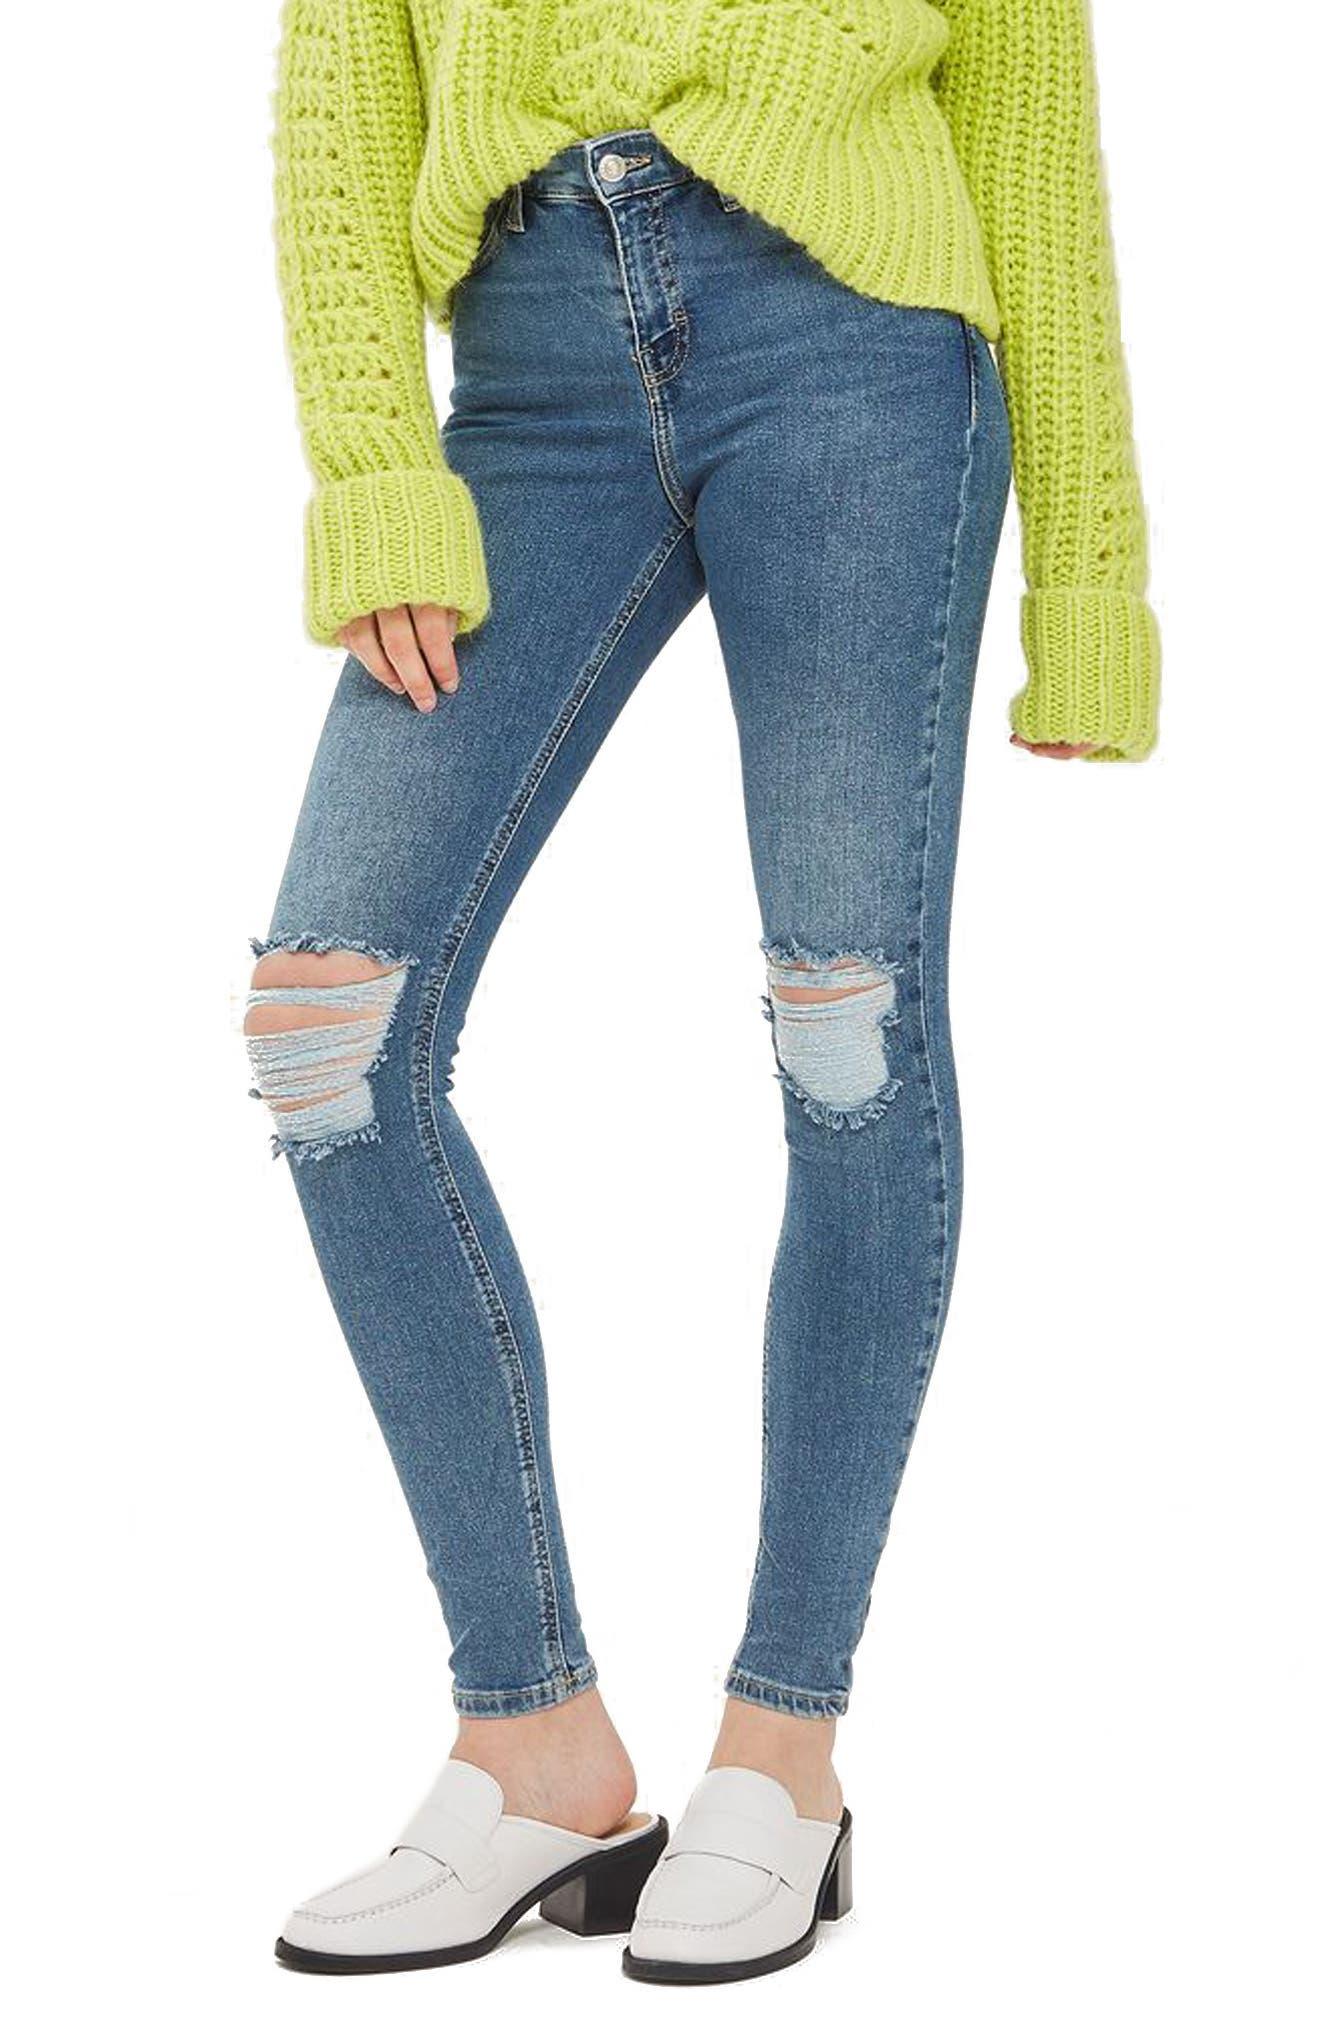 Topshop Jamie Rip High Waist Skinny Jeans